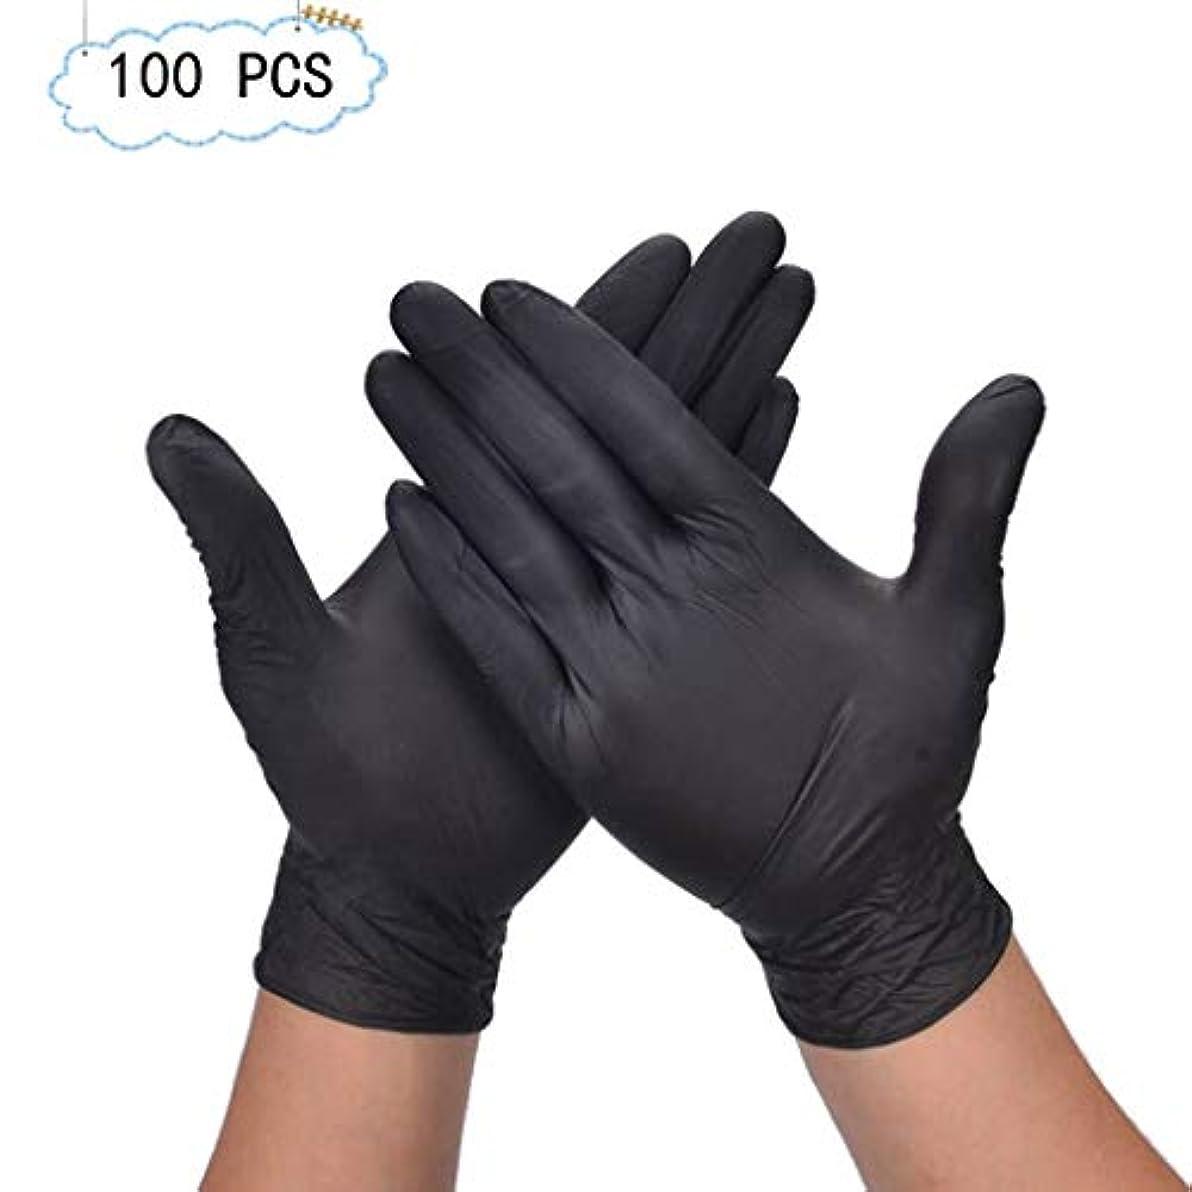 無意味失敗冷蔵庫ニトリル滑り止め酸およびアルカリテスト産業用食品使い捨て手袋ペットケアネイルアート検査保護実験、美容院ラテックスフリー、パウダーフリー、両手利き、100個 (Color : Black, Size : XL)